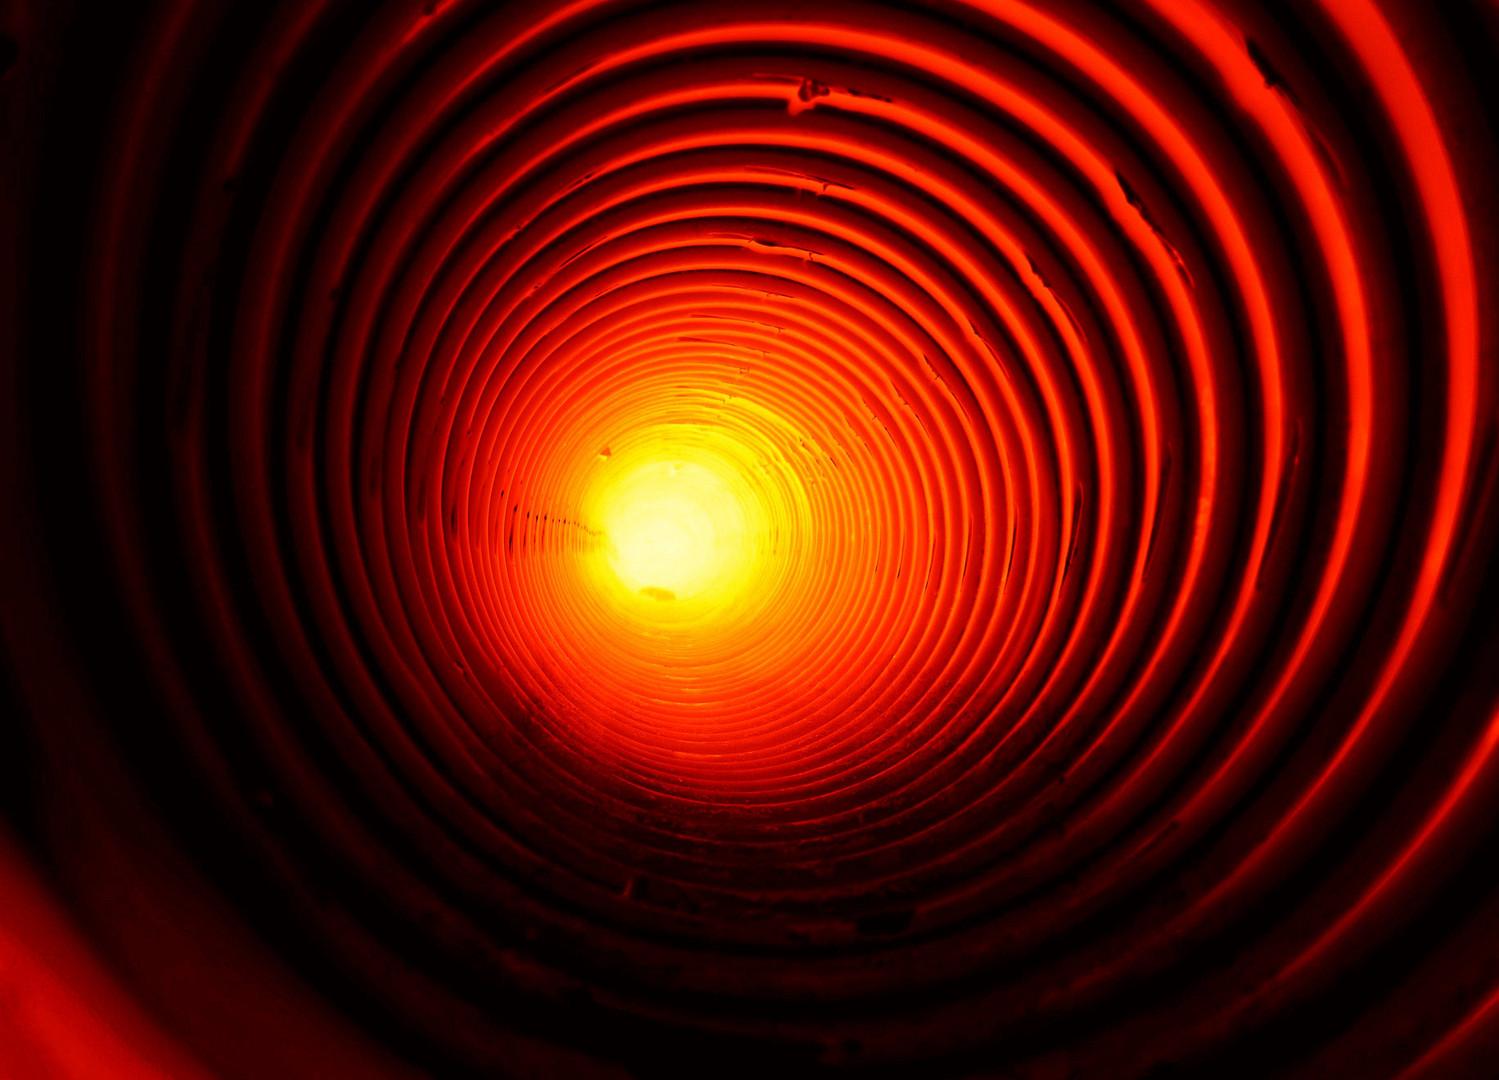 Am Ende eines jeden Tunnels erscheint das Licht ...